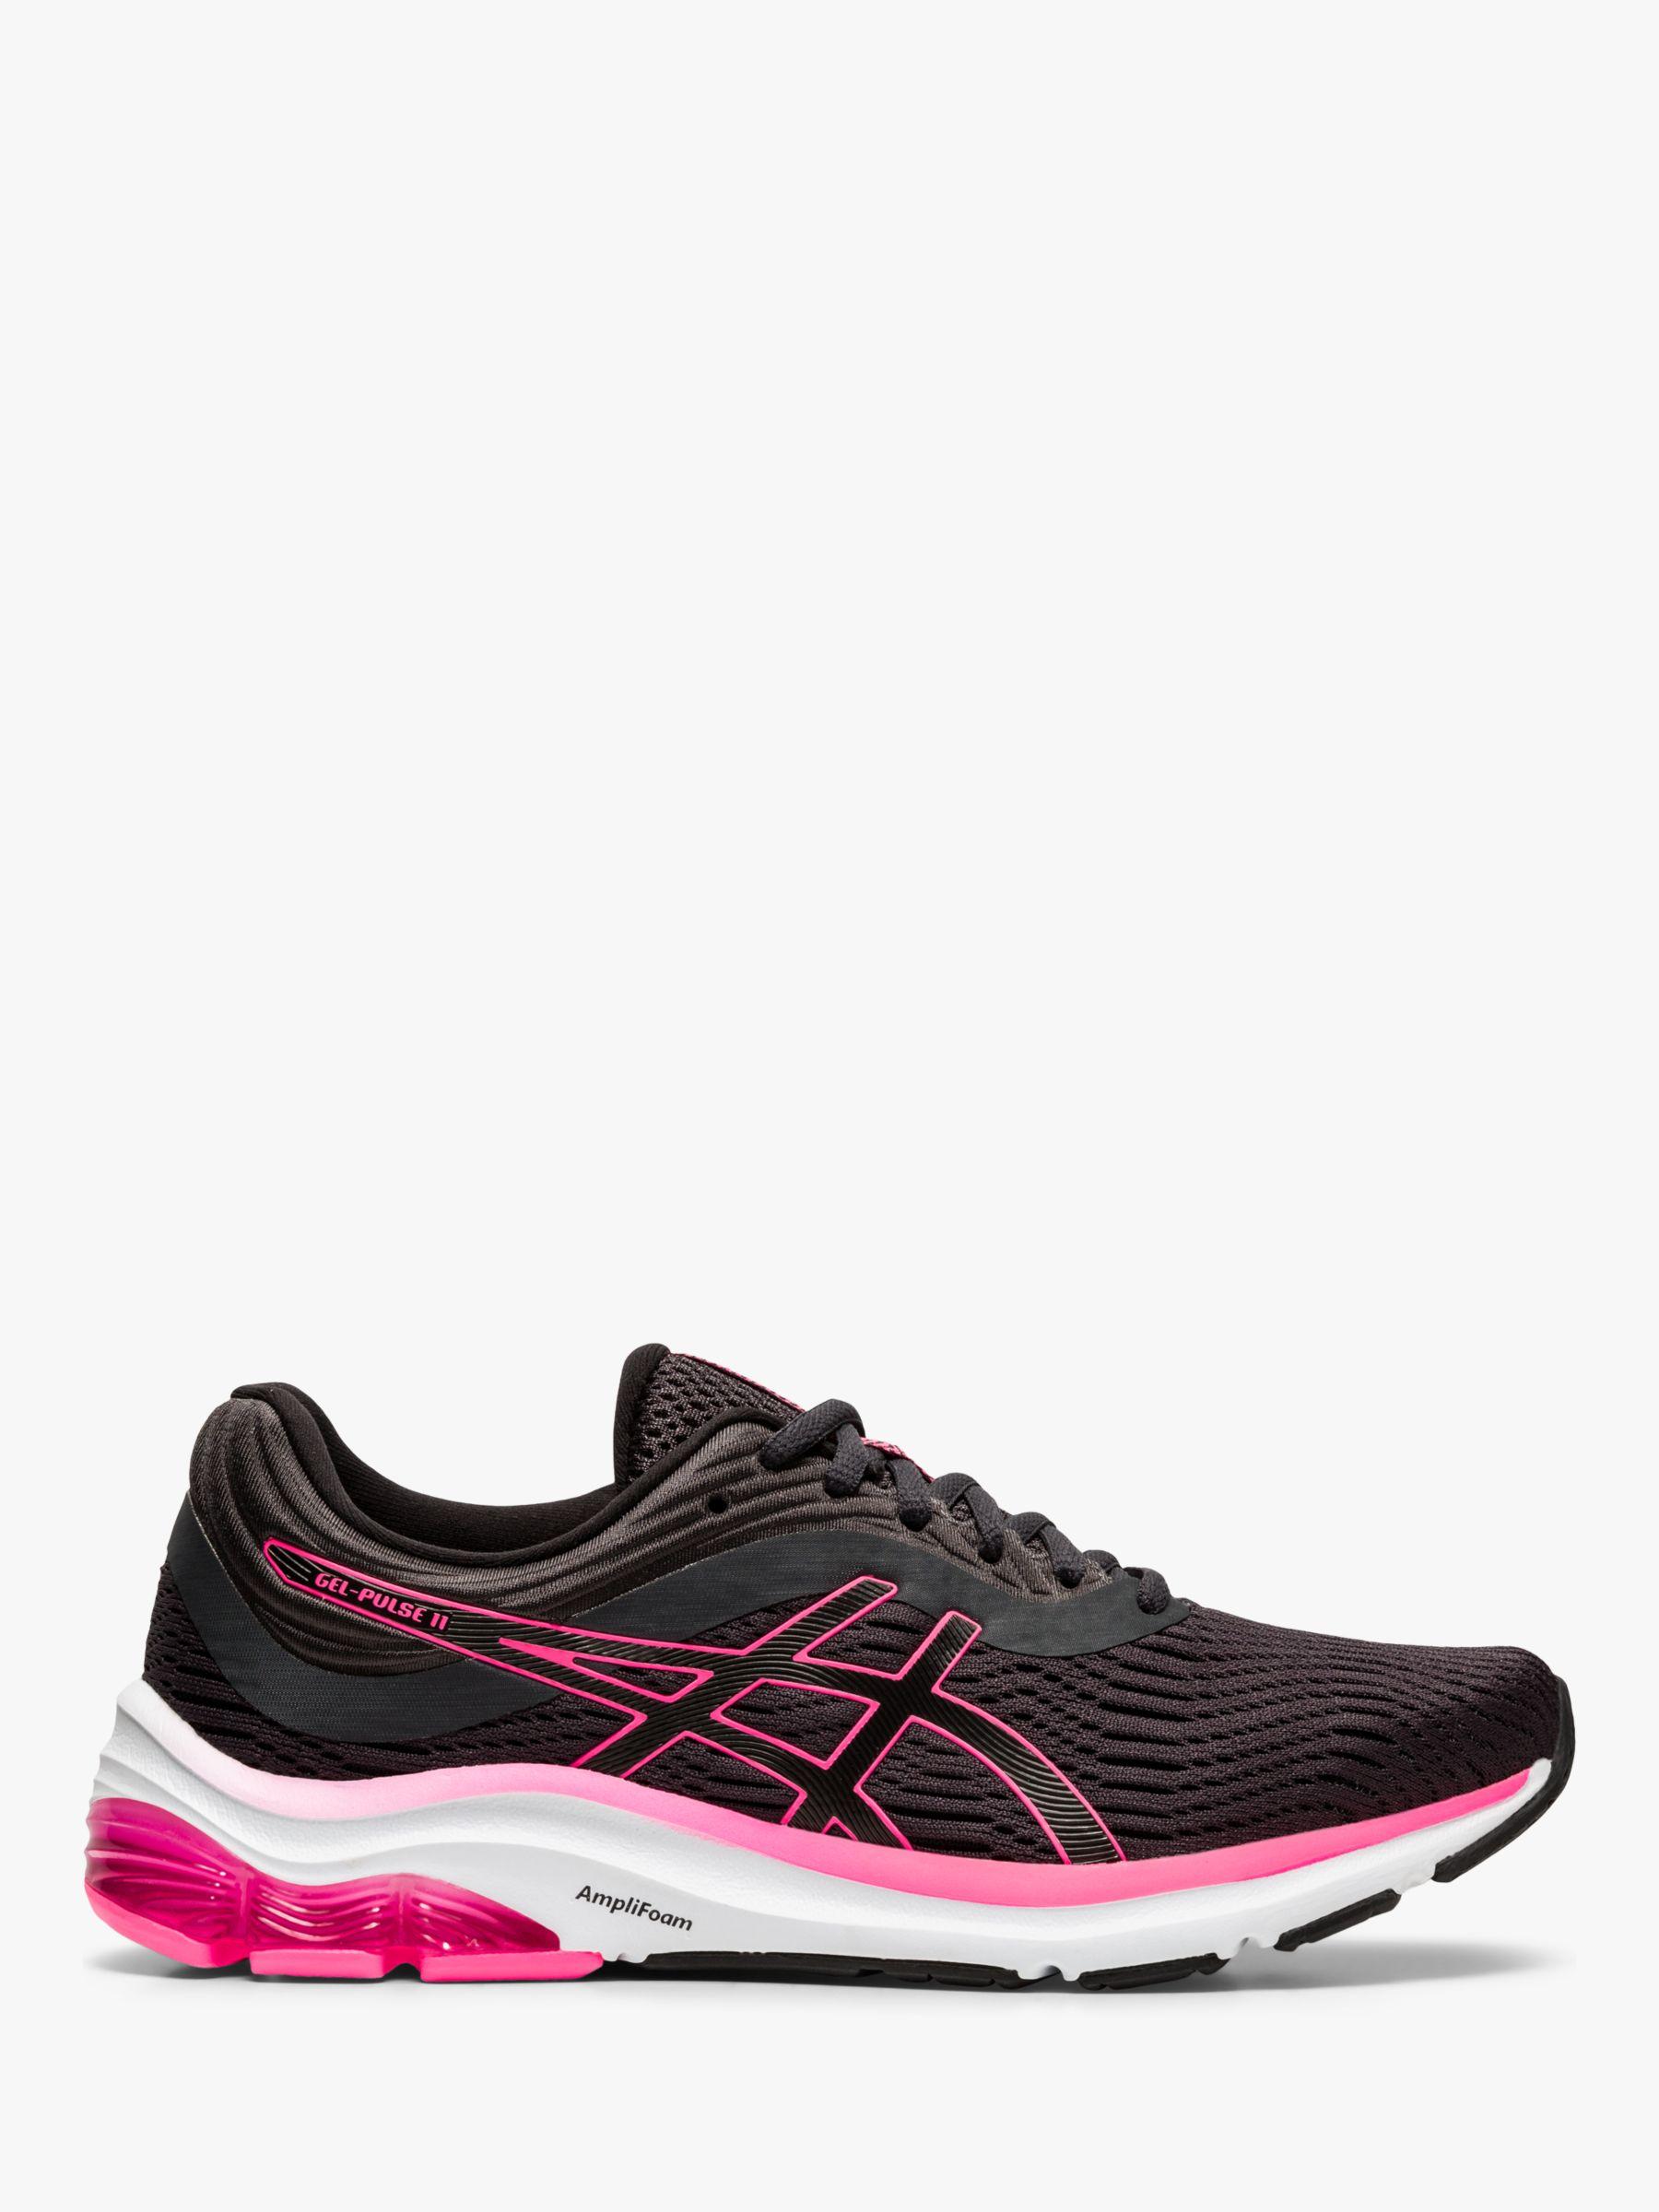 ASICS ASICS GEL-PULSE 11 Women's Running Shoes